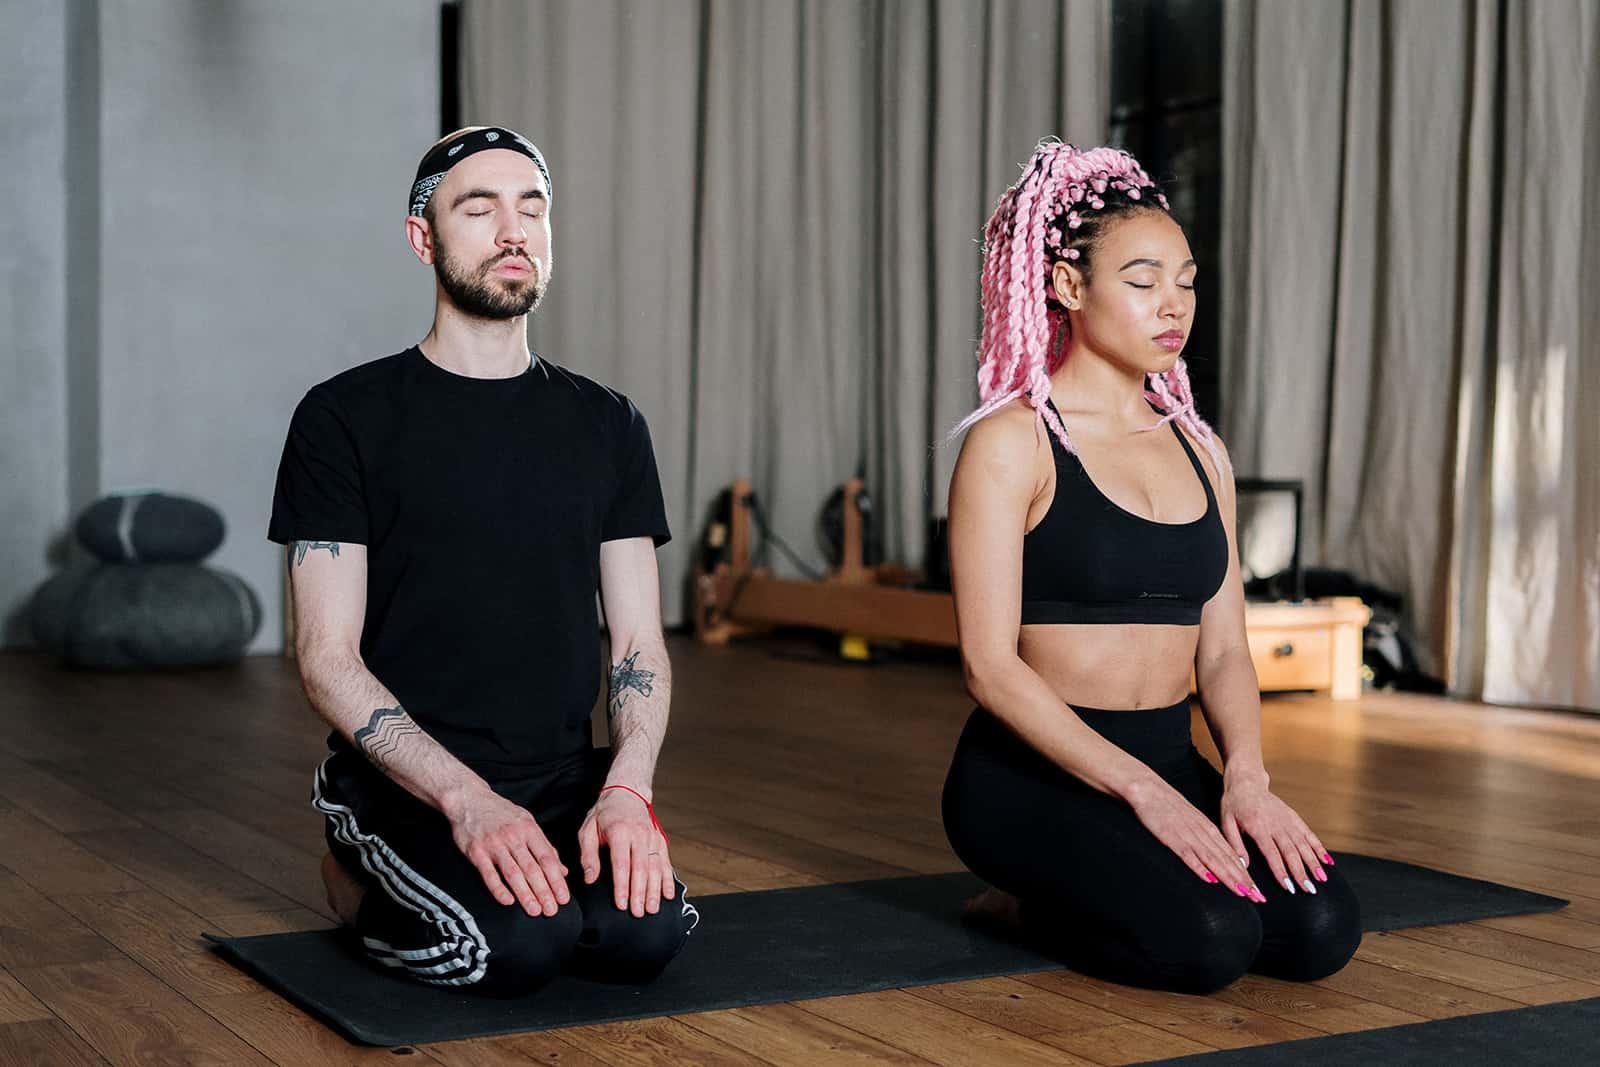 Ein Mann und eine Frau meditieren zusammen auf einer schwarzen Matte